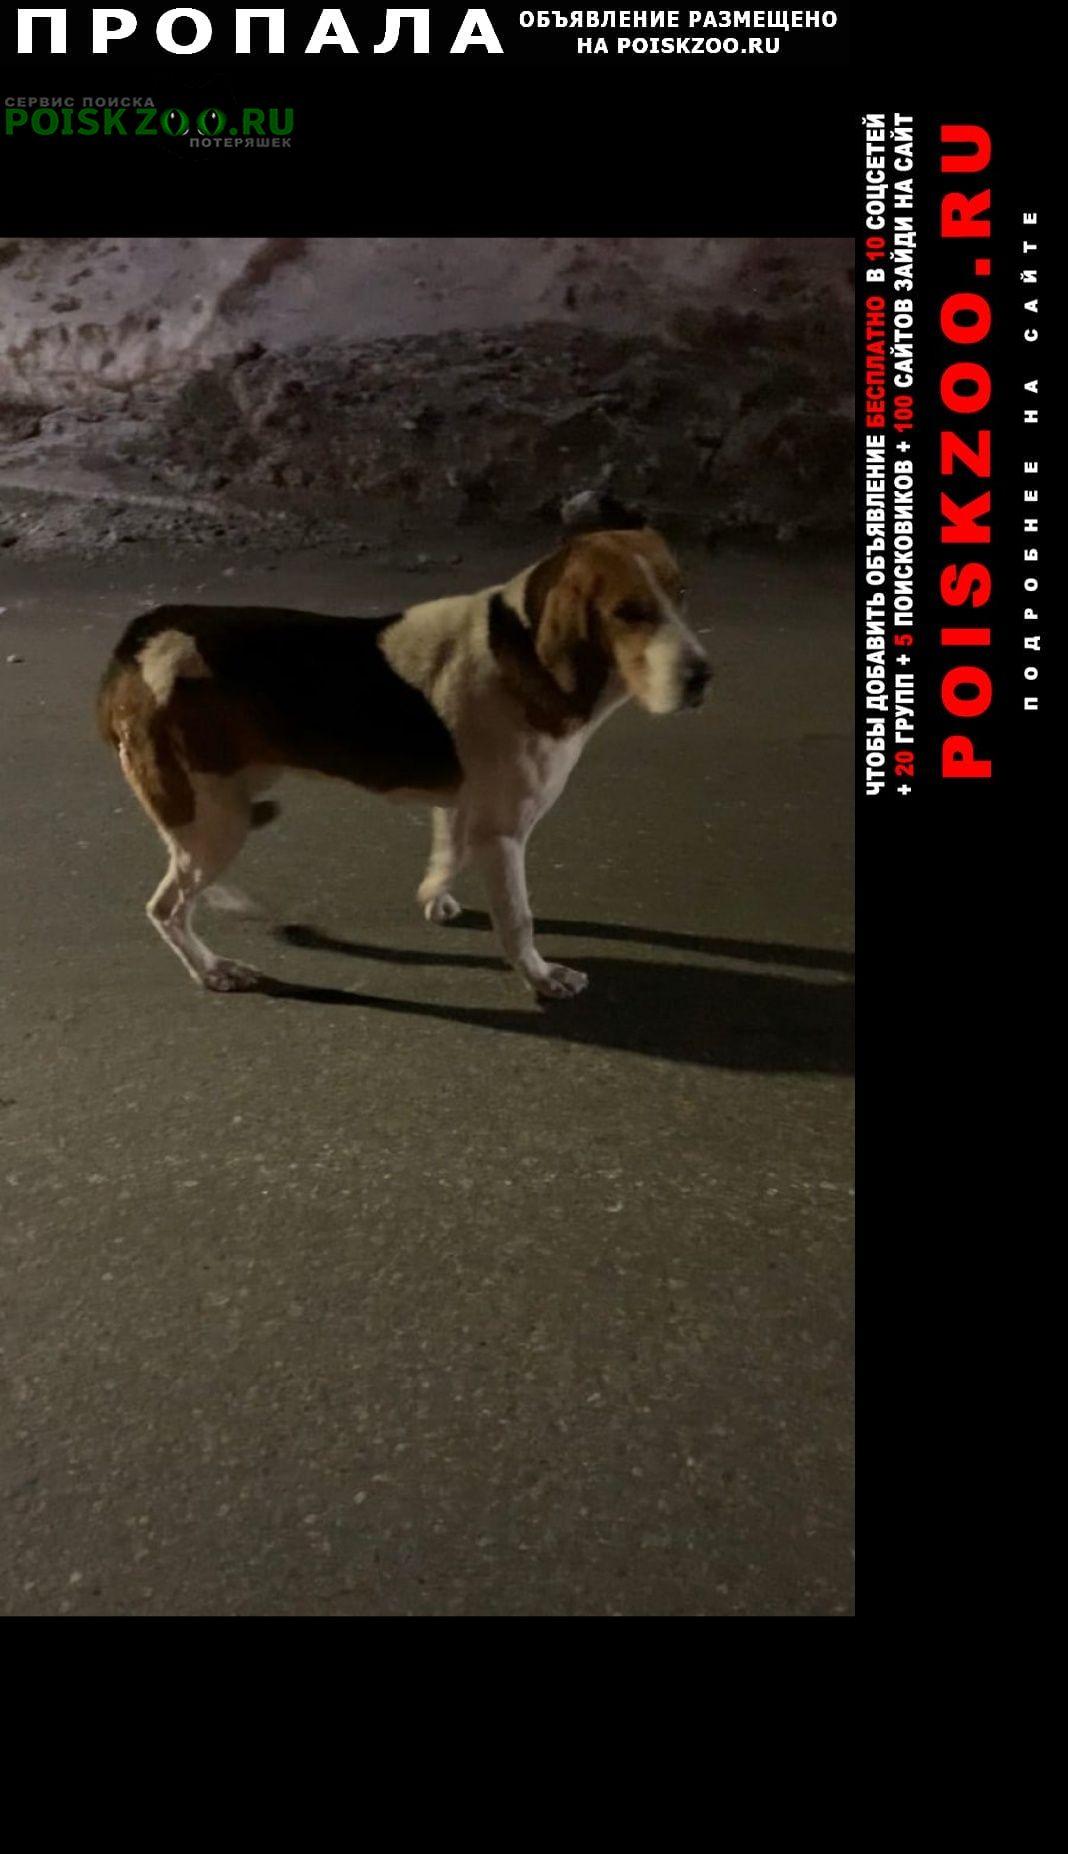 Пропала собака Миасс